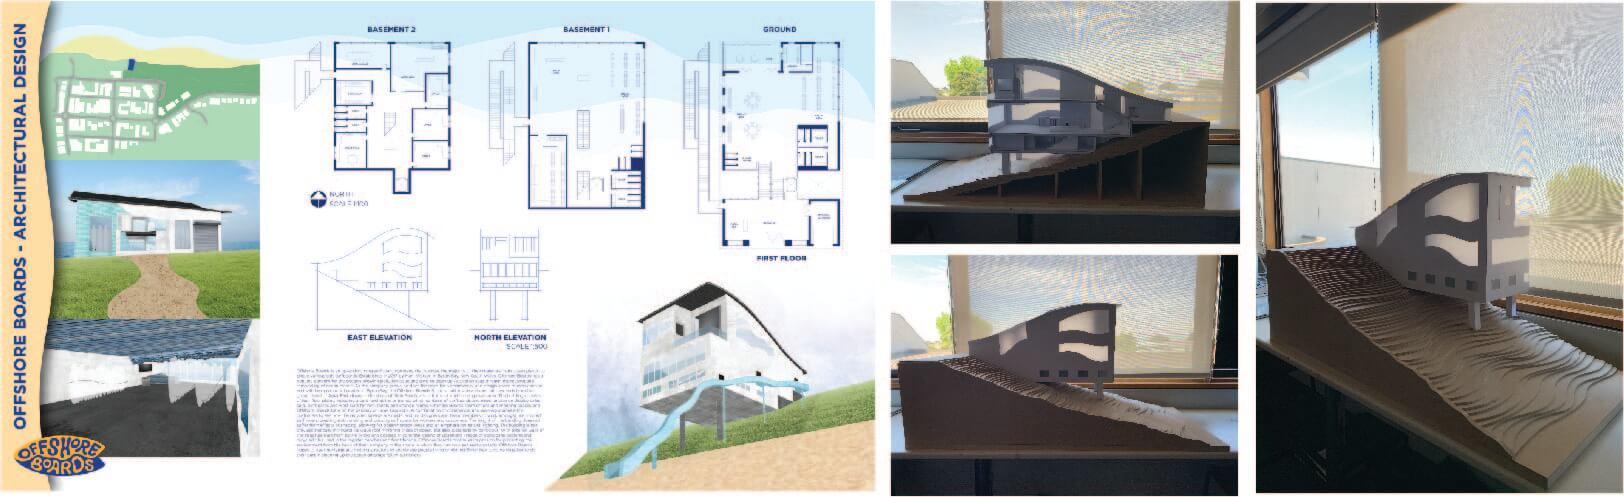 olivia spitaleri offshore boards architecture